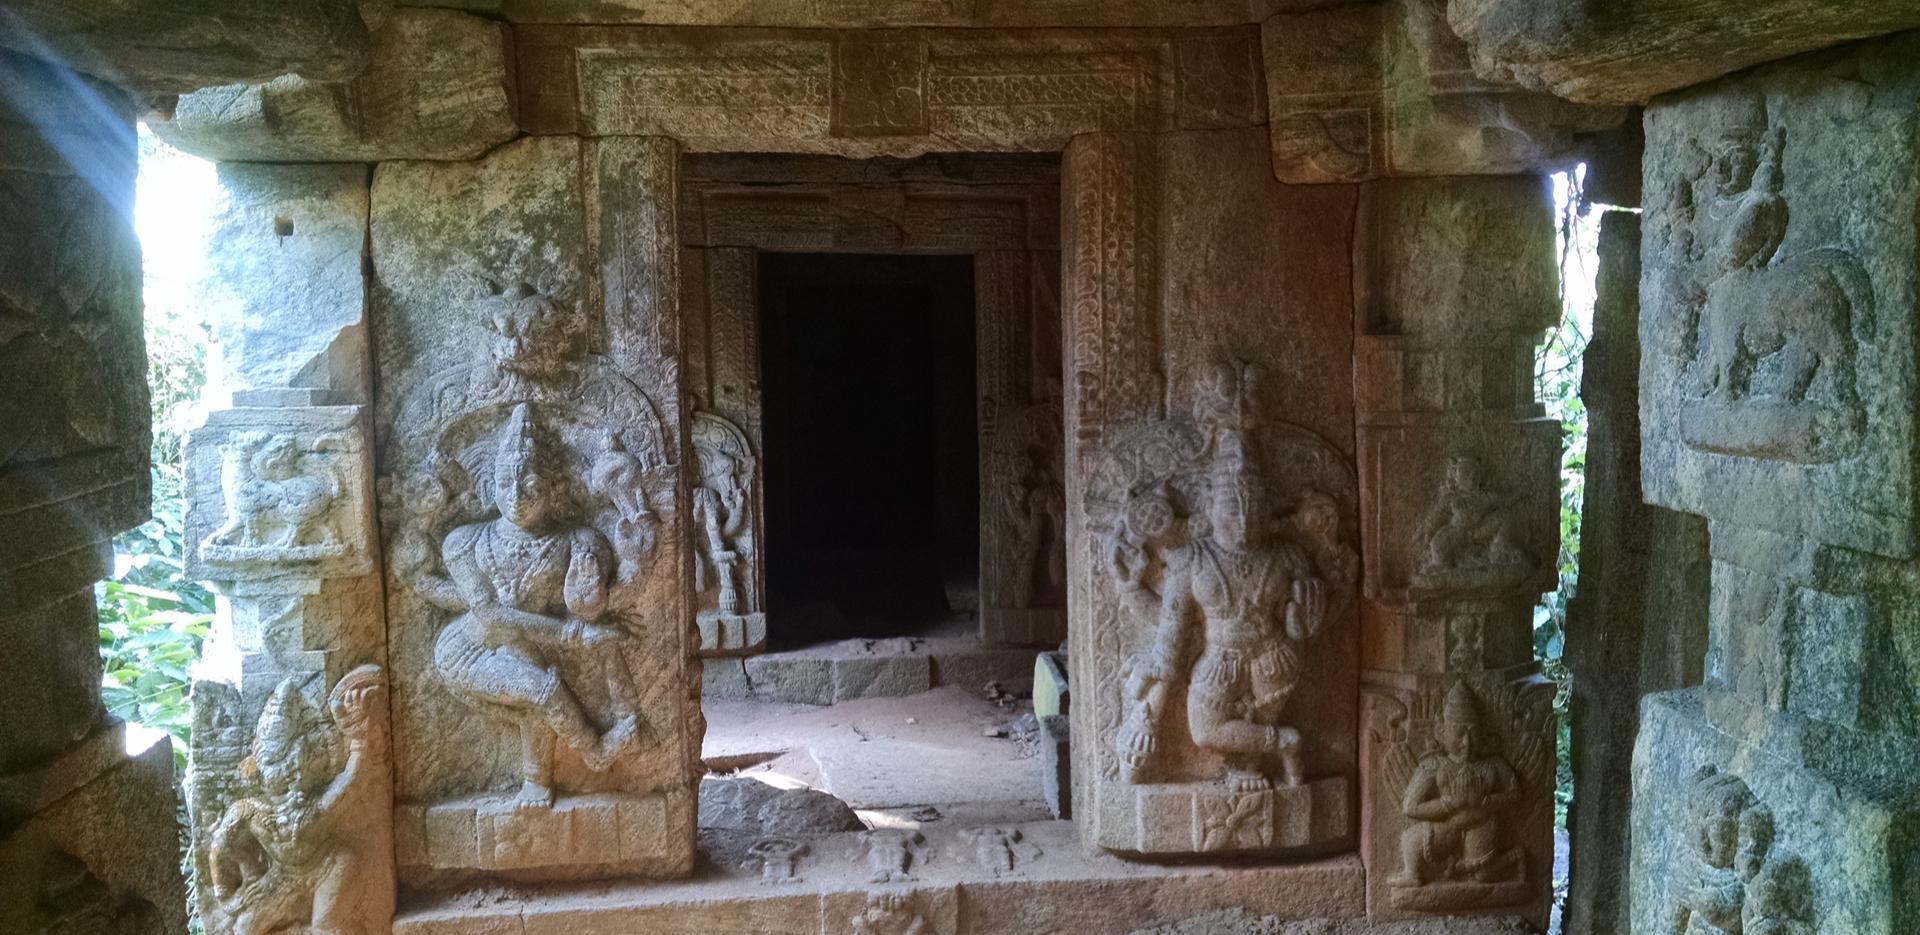 Jain temple in Wayanad